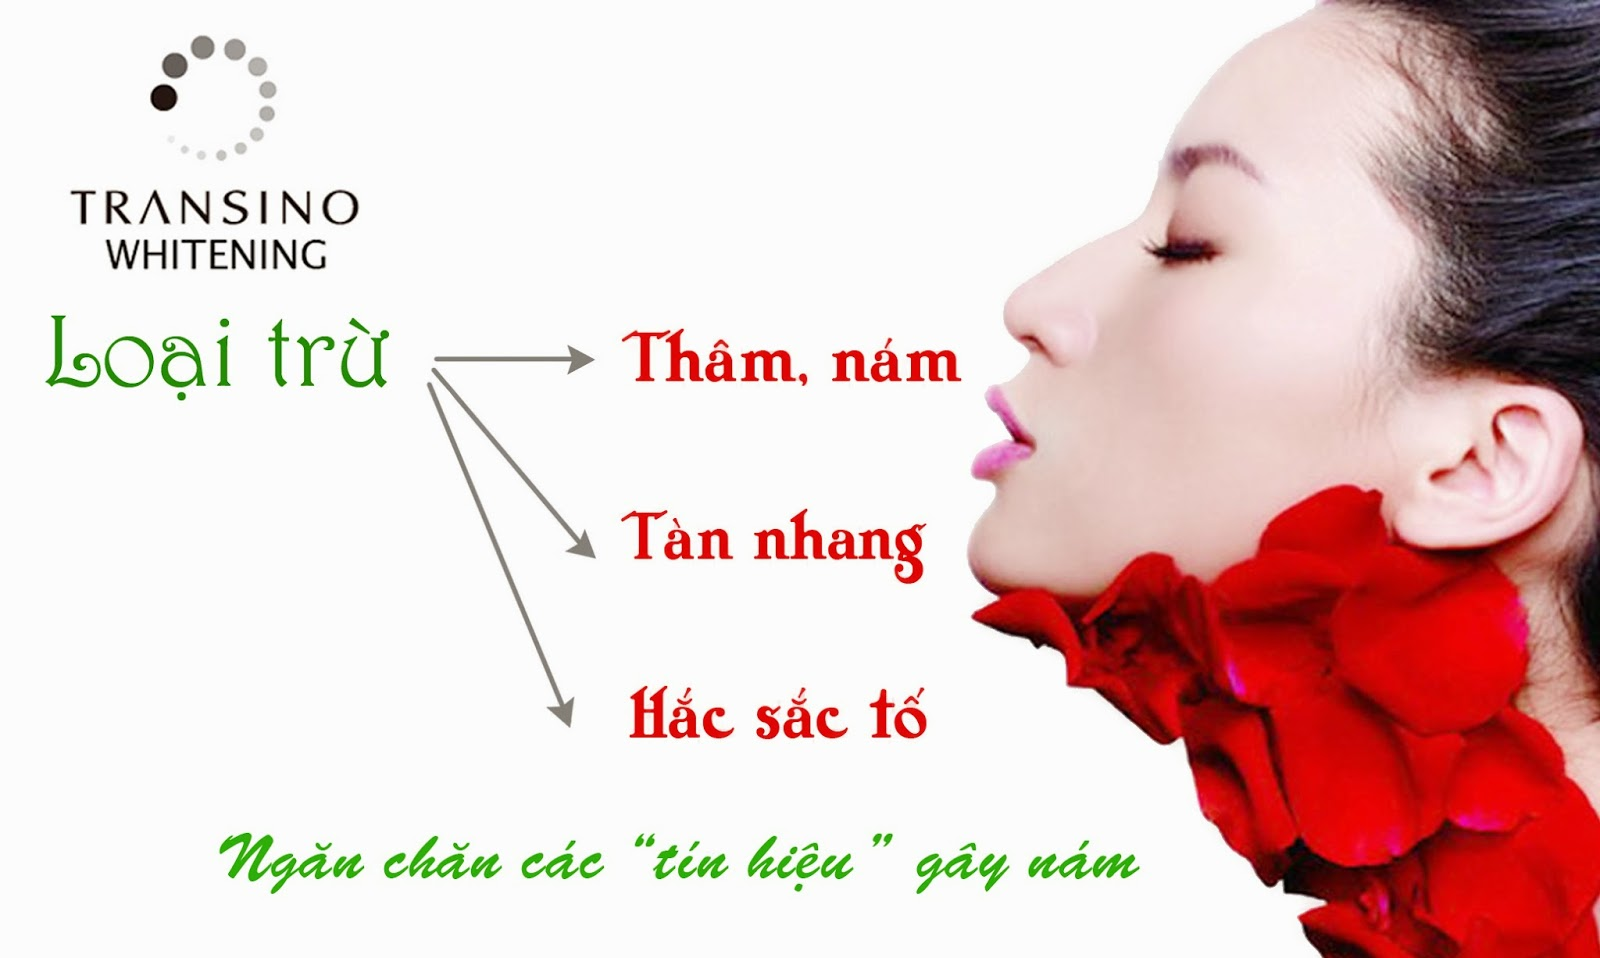 Lợi ích của vien uong tri nam transino whitening